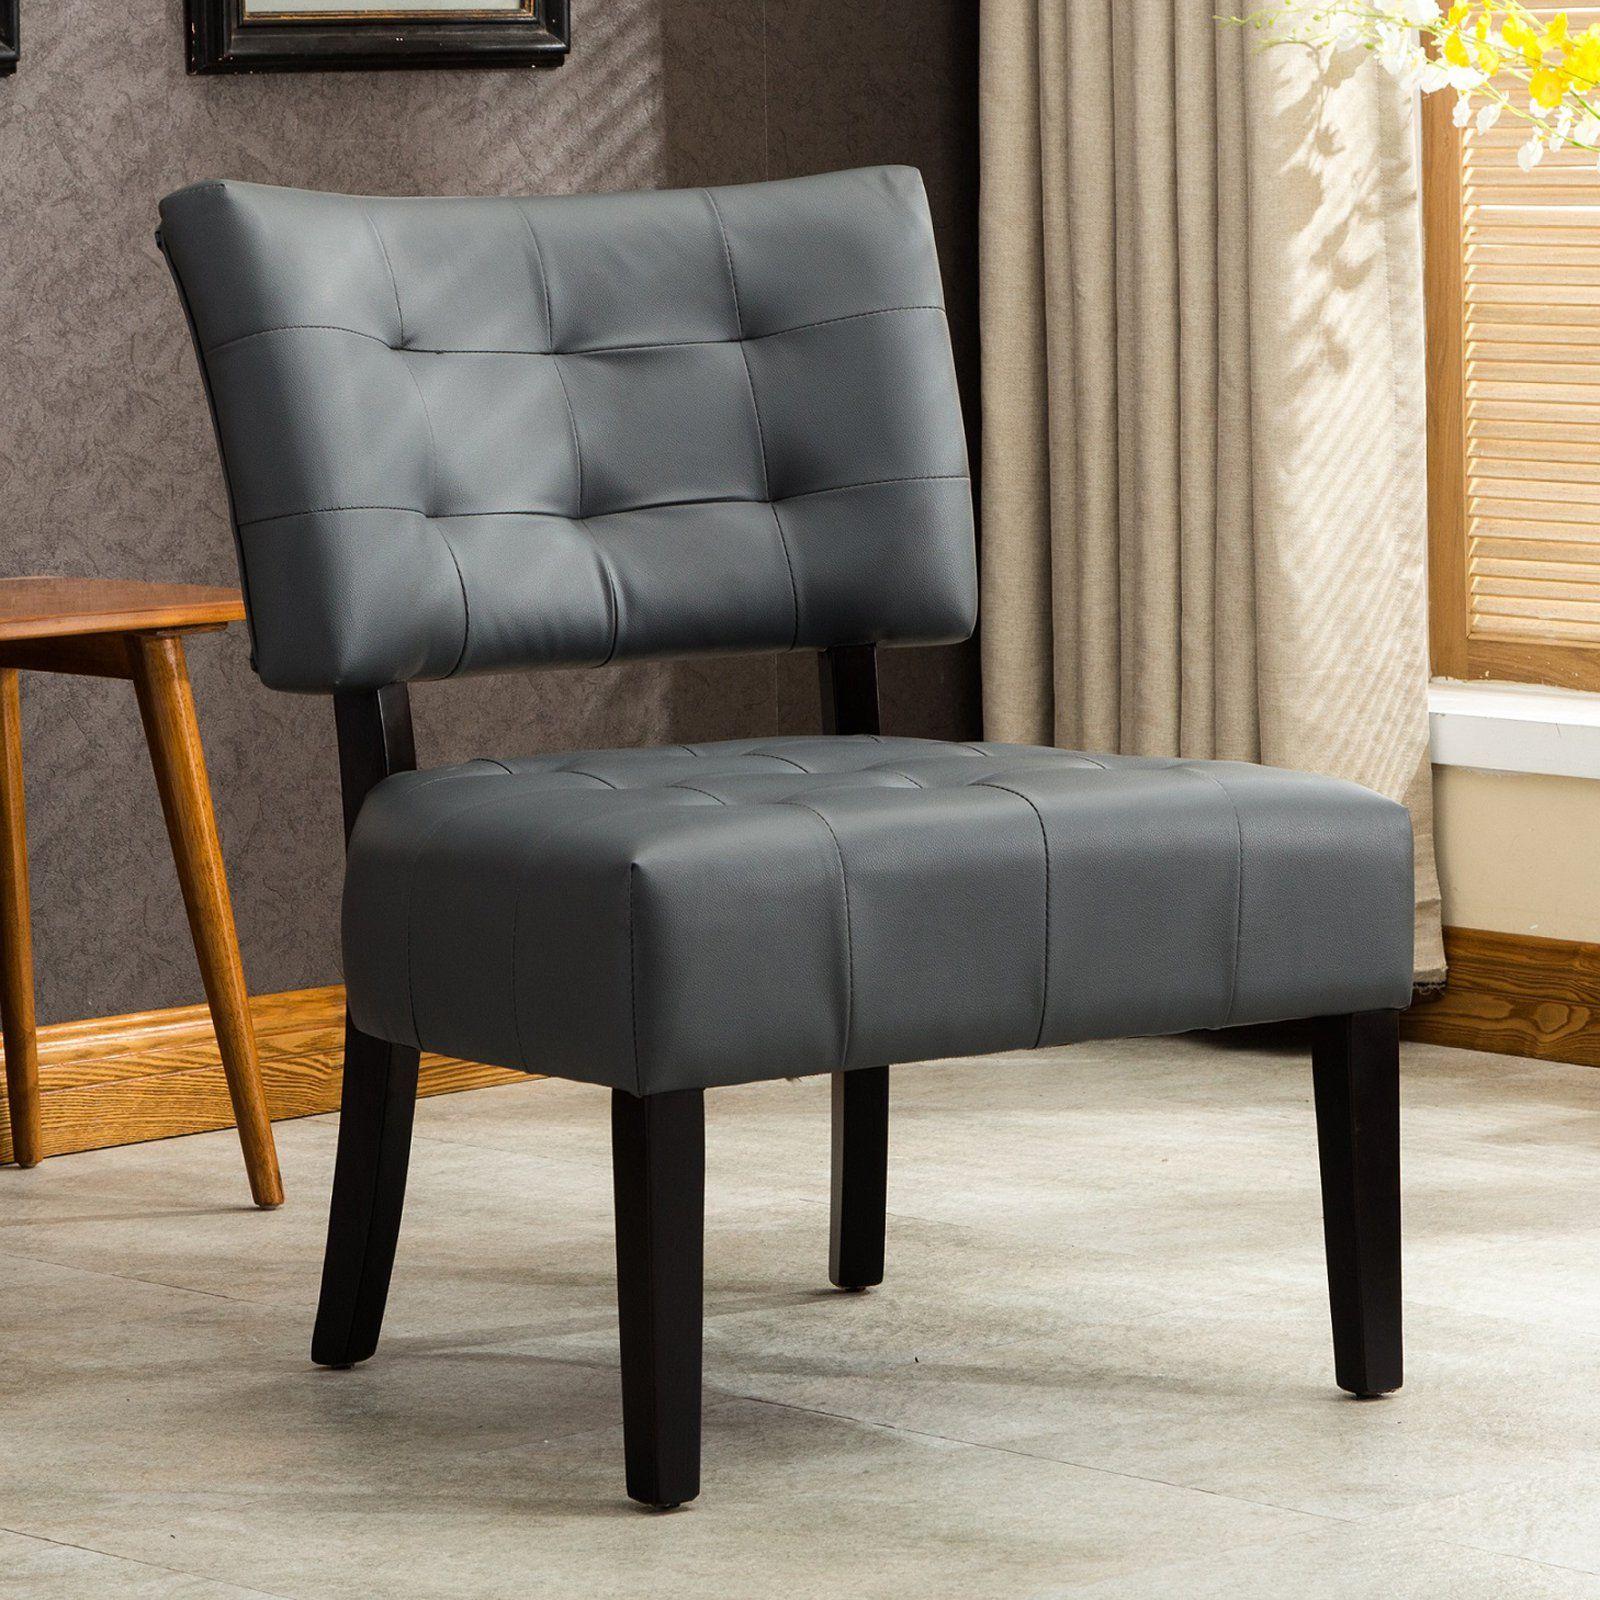 Astonishing Roundhill Furniture Blended Leather Tufted Oversized Accent Inzonedesignstudio Interior Chair Design Inzonedesignstudiocom